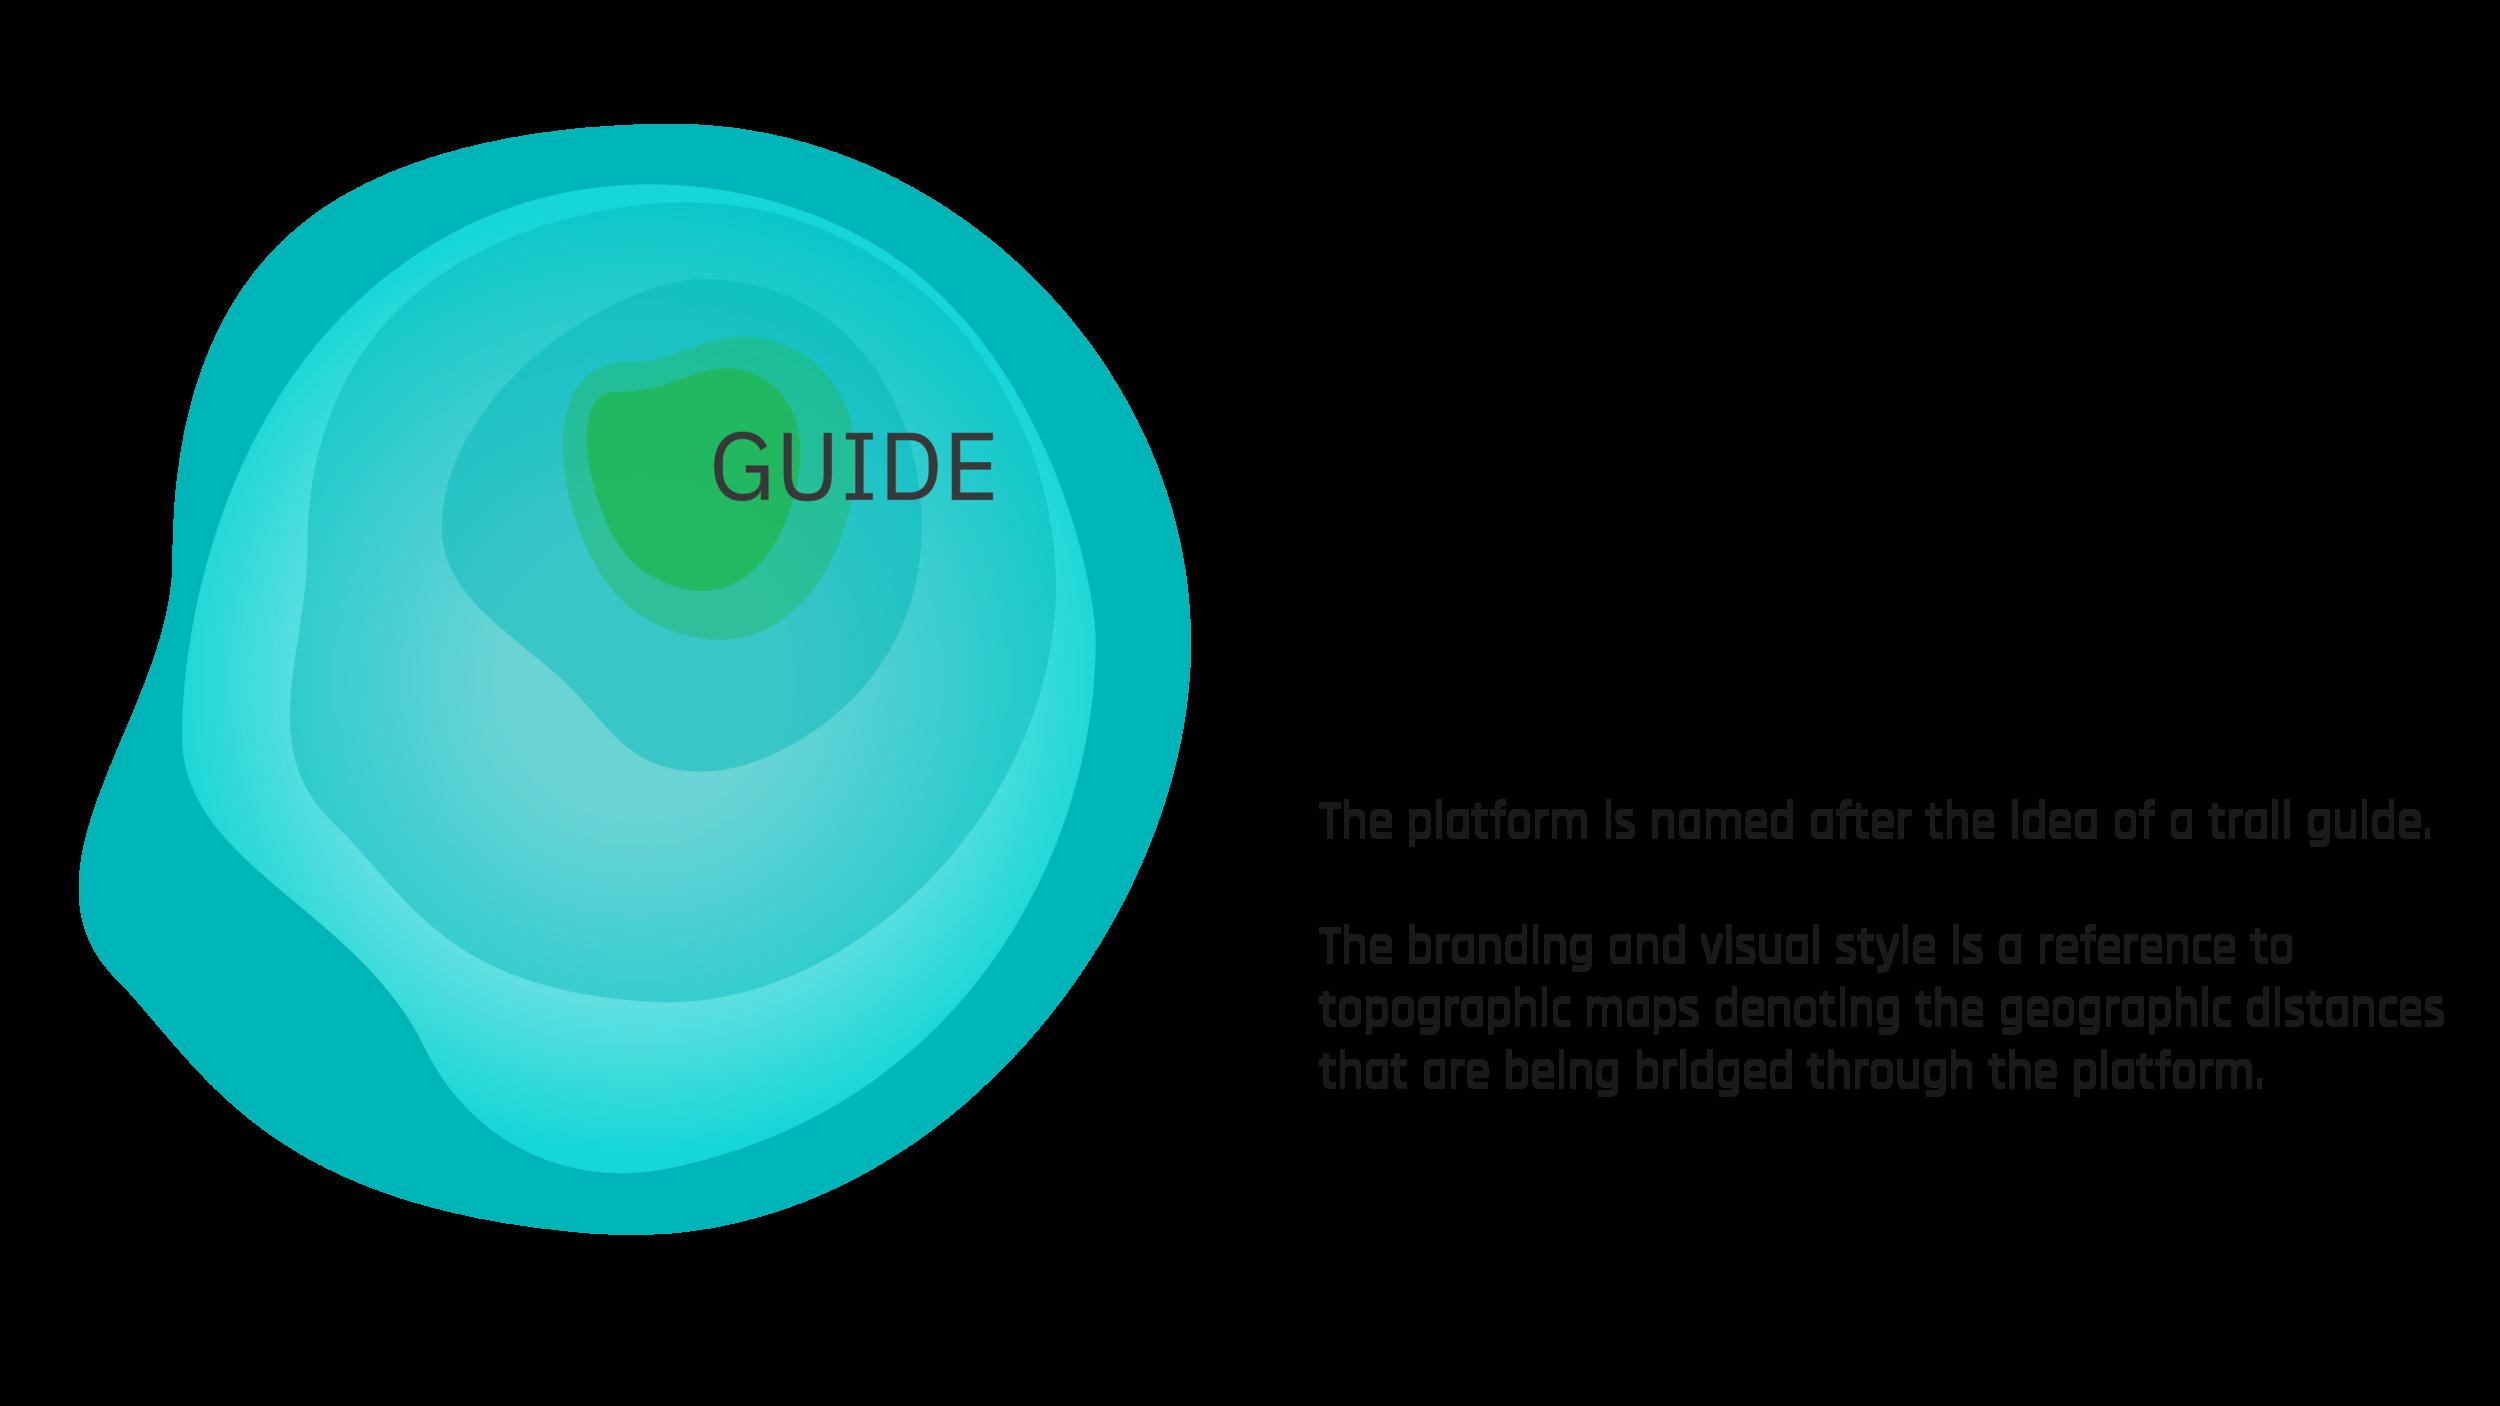 guide website slides-02.png